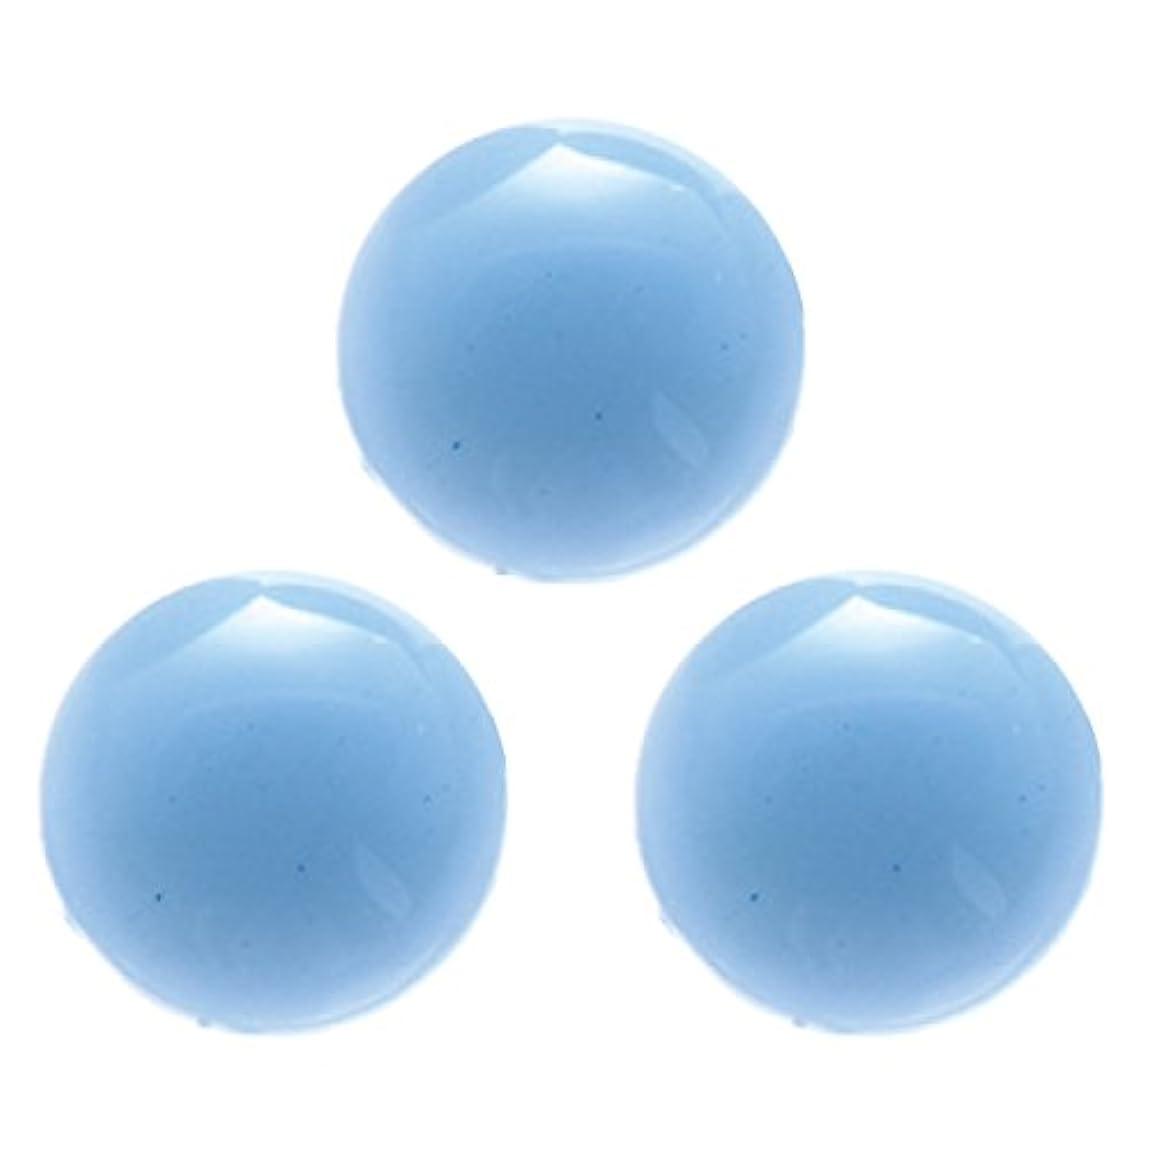 絡まる冷ややかながんばり続ける<エトゥベラ>オパールストーン ラウンド 3mm ブルー